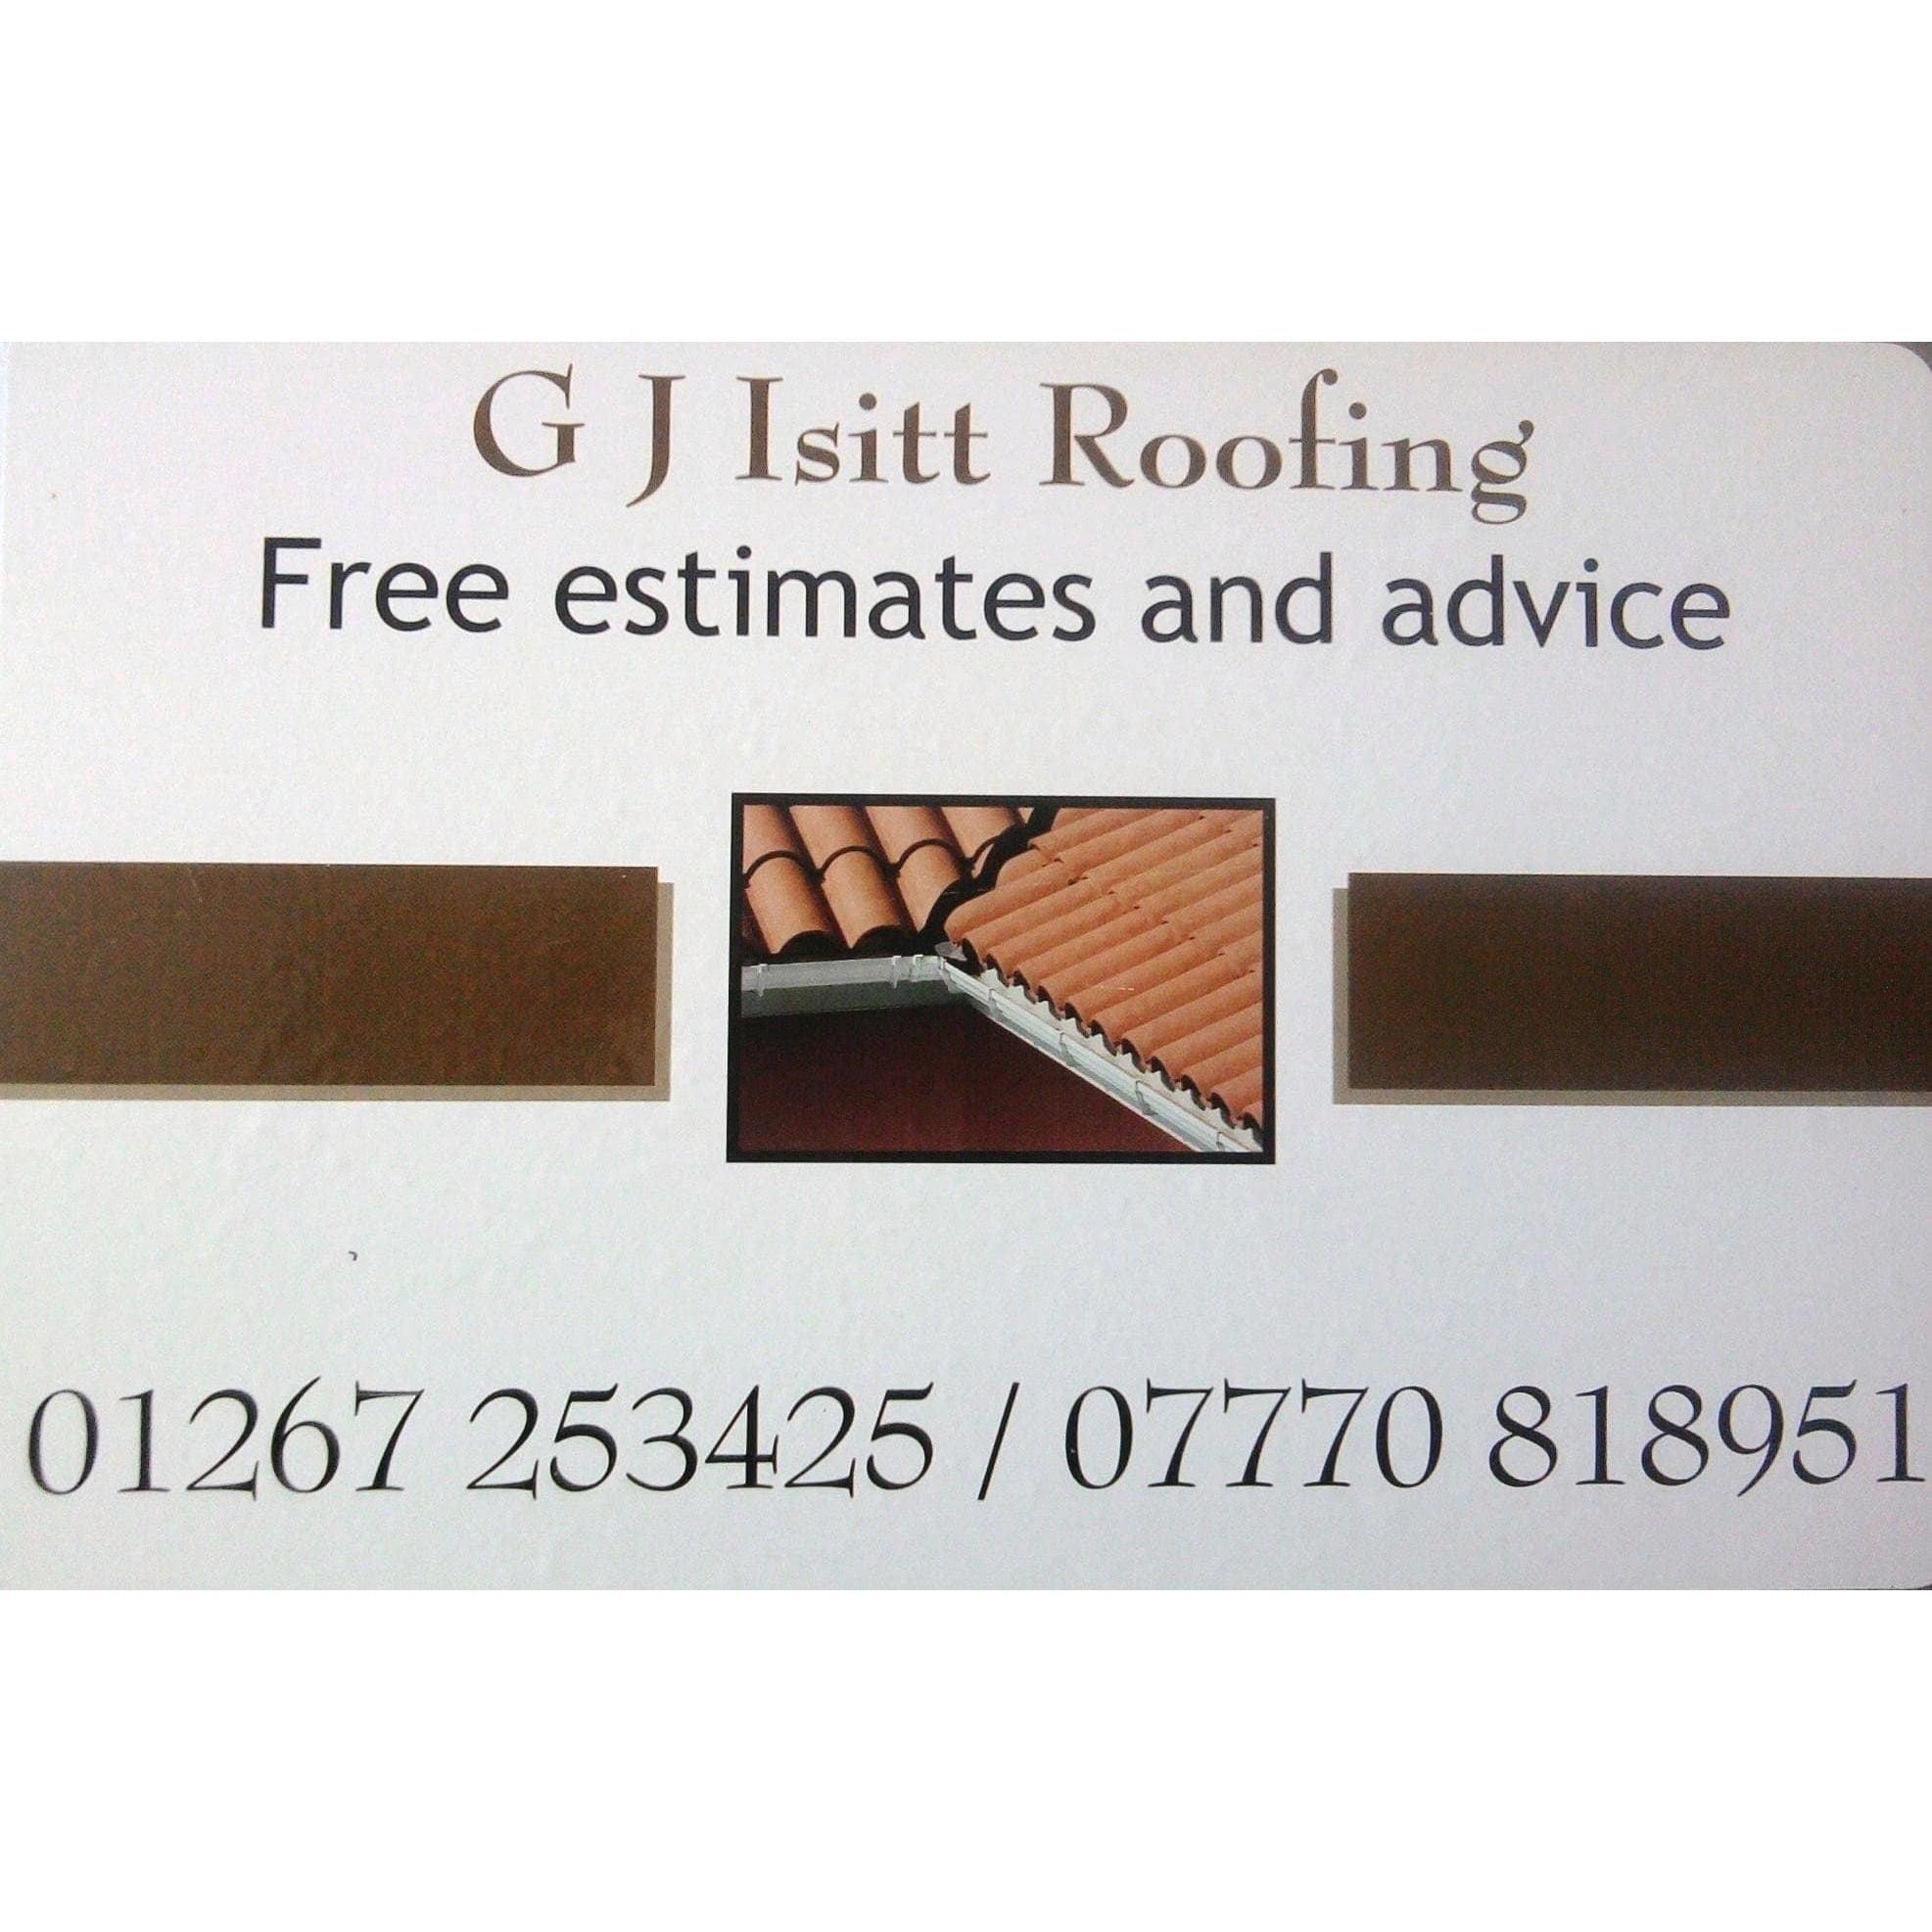 G J Isitt & Son Roofing - Carmarthen, Dyfed SA33 6HN - 01267 253425 | ShowMeLocal.com